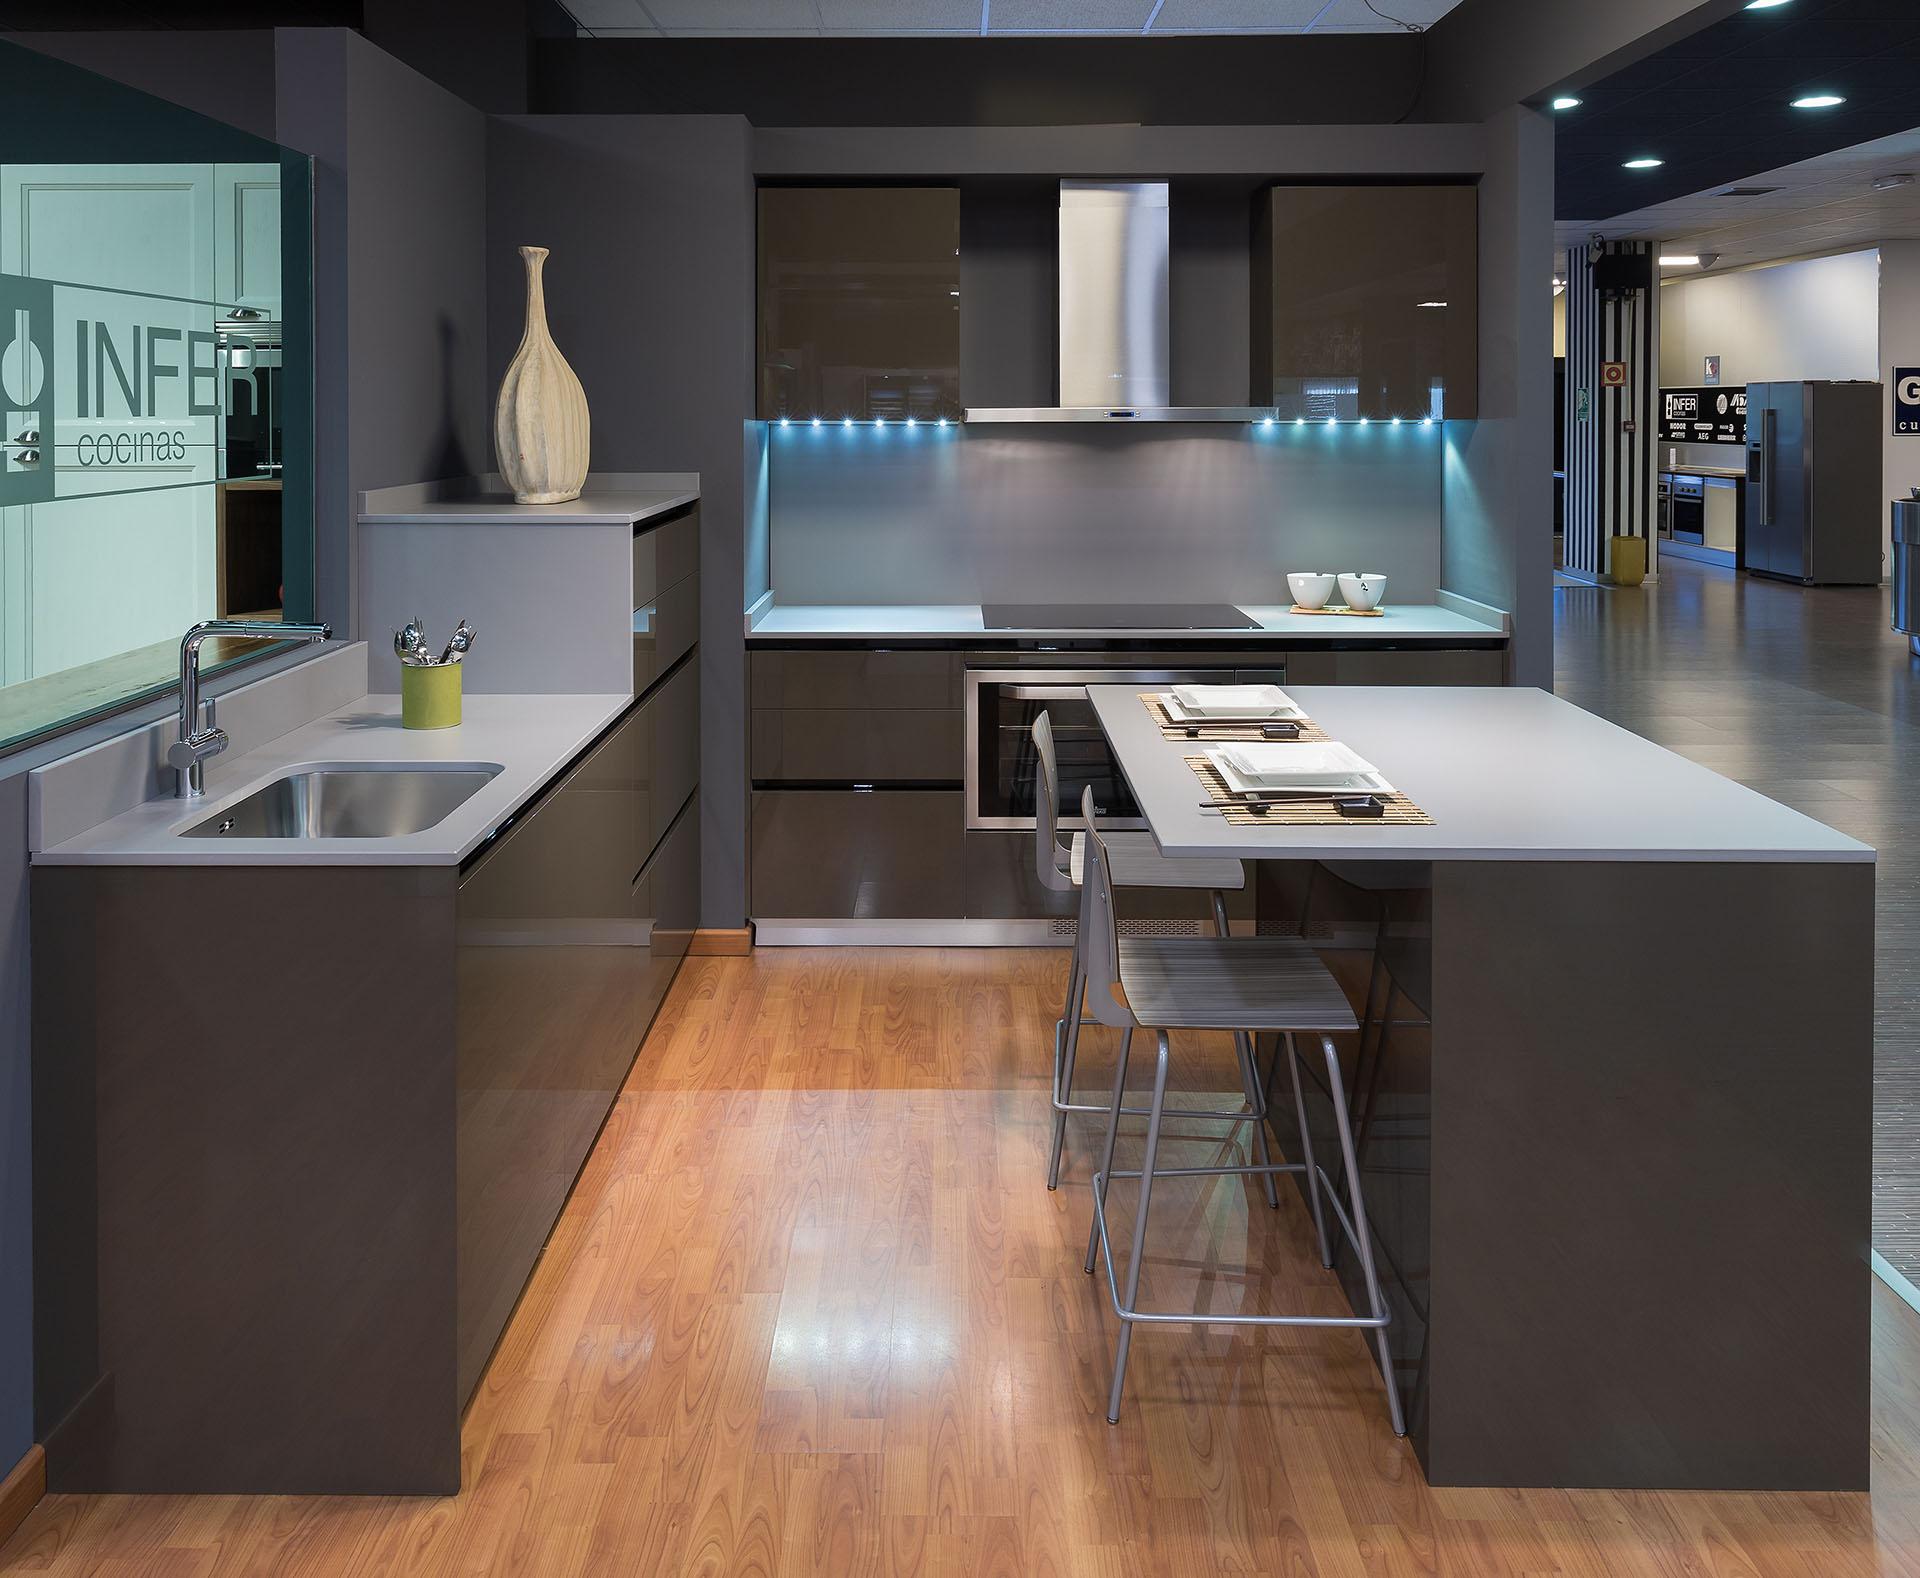 Las cocinas oscuras c mo hacerlas elegantes cocinas rio for Esmalte para muebles de cocina